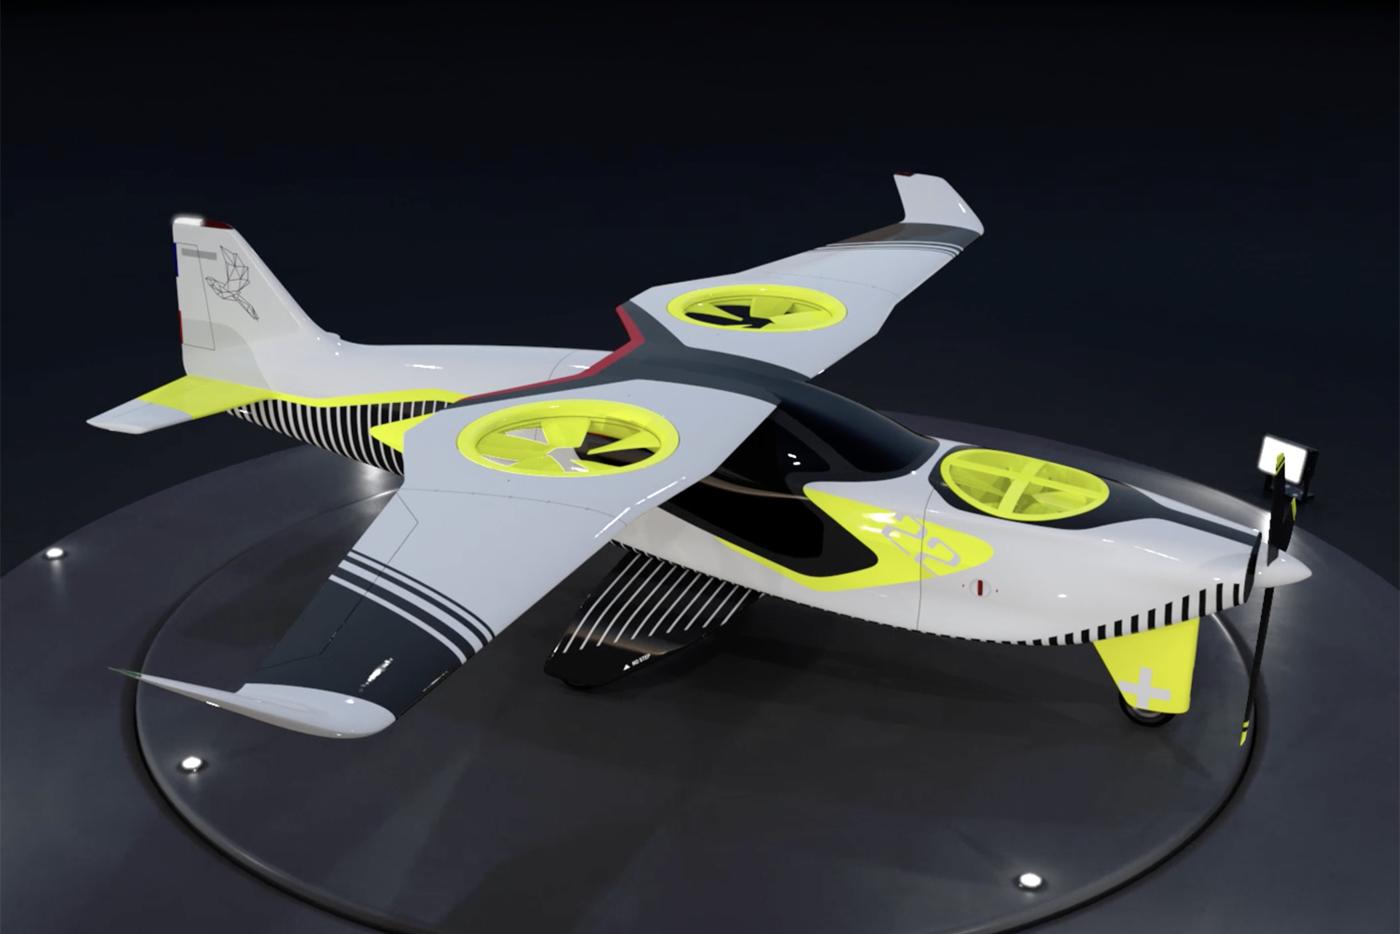 Запас хода гибридного аэротакси оказался в 50 раз больше, чем у электрических аналогов